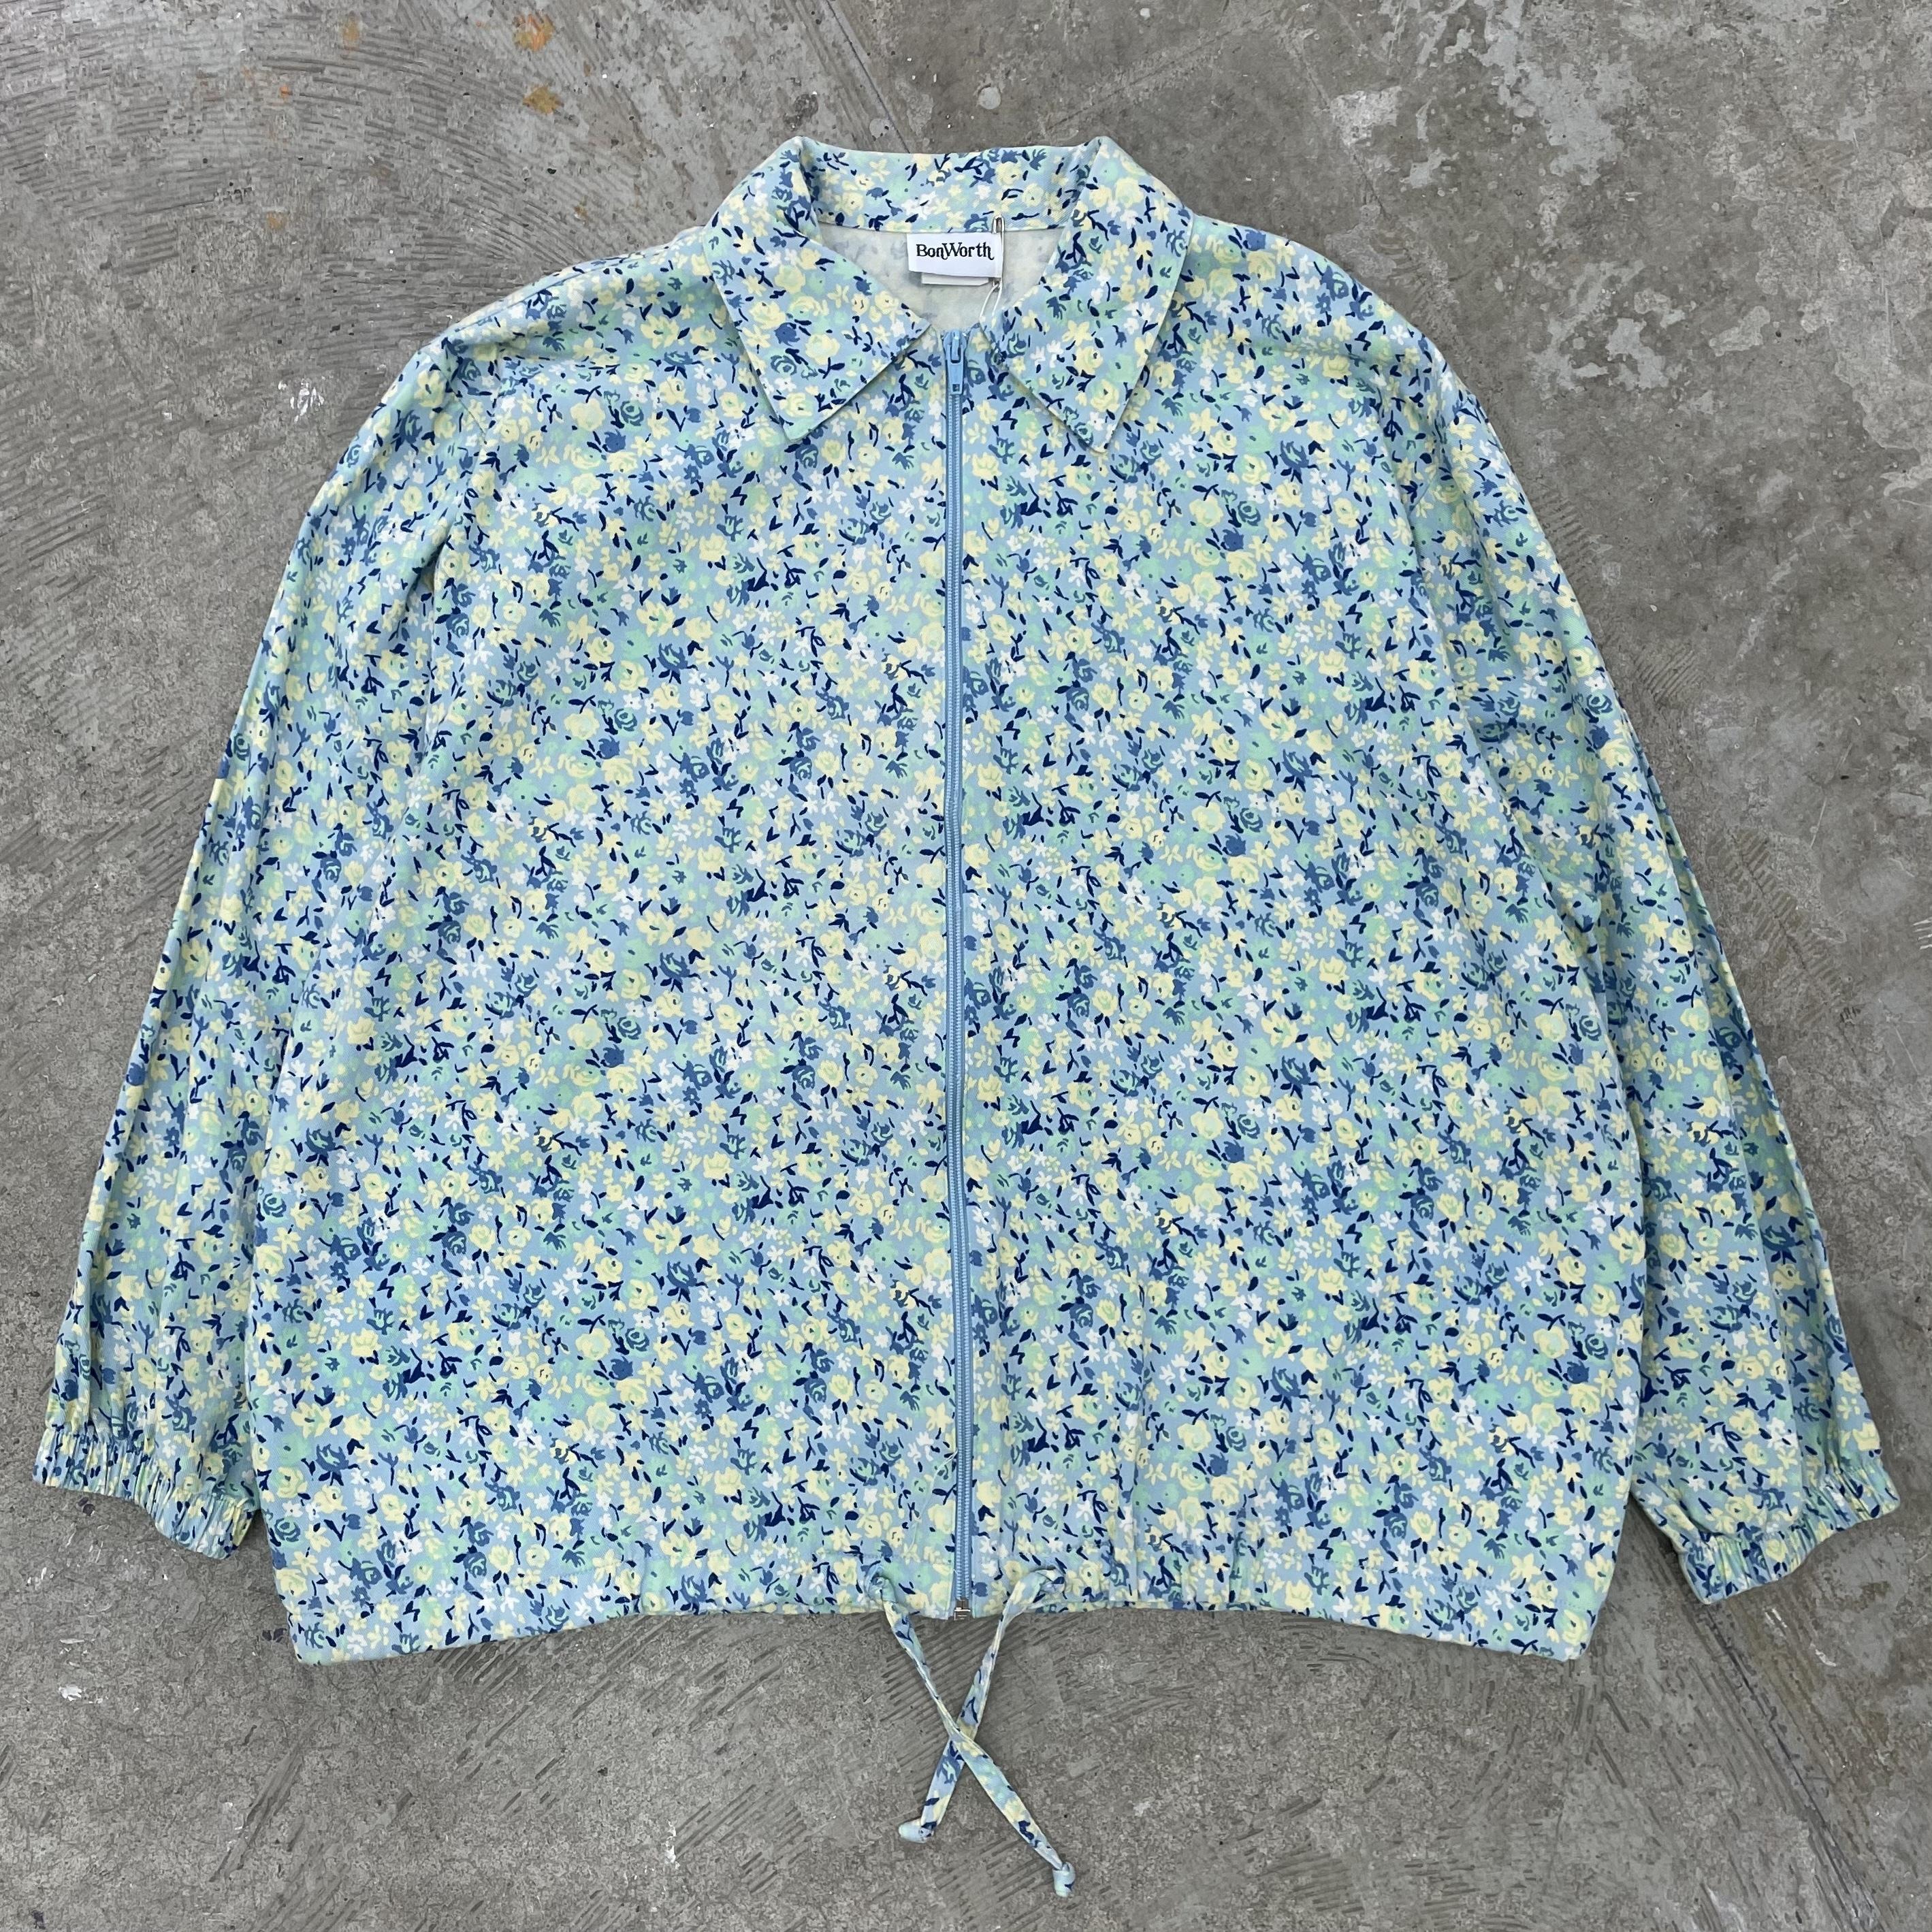 Cotton Floral Jacket / Size M